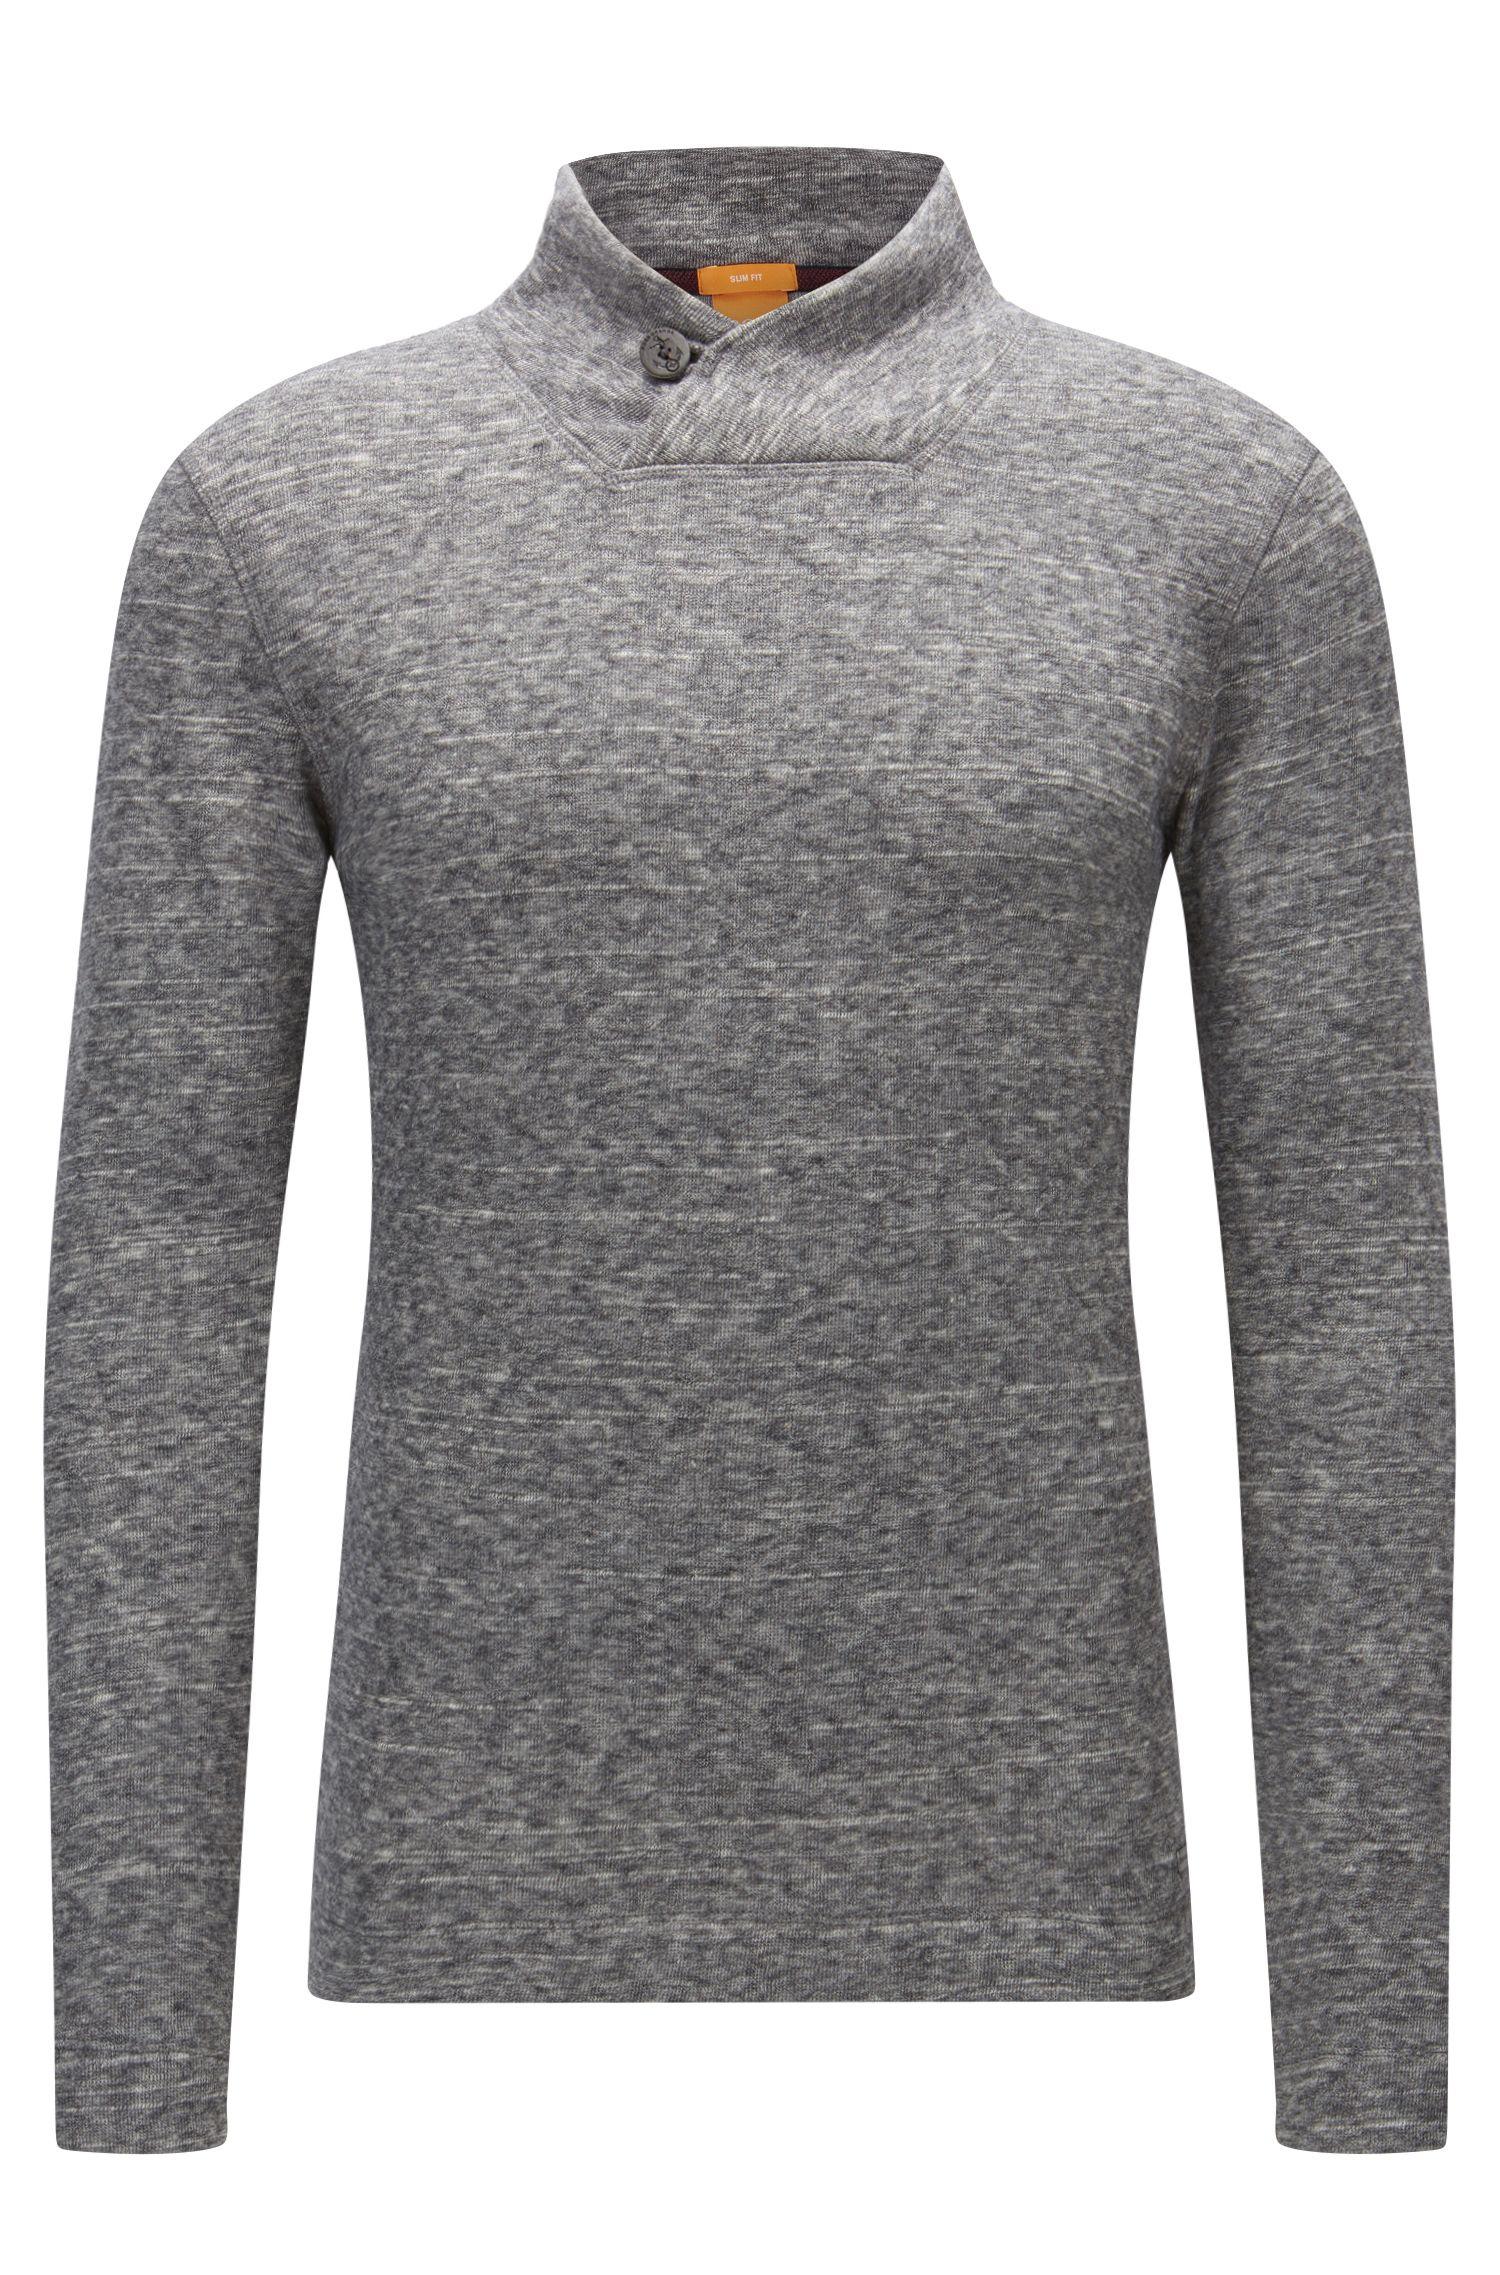 'Woolish' | Heathered Cotton Wool Jersey Sweater